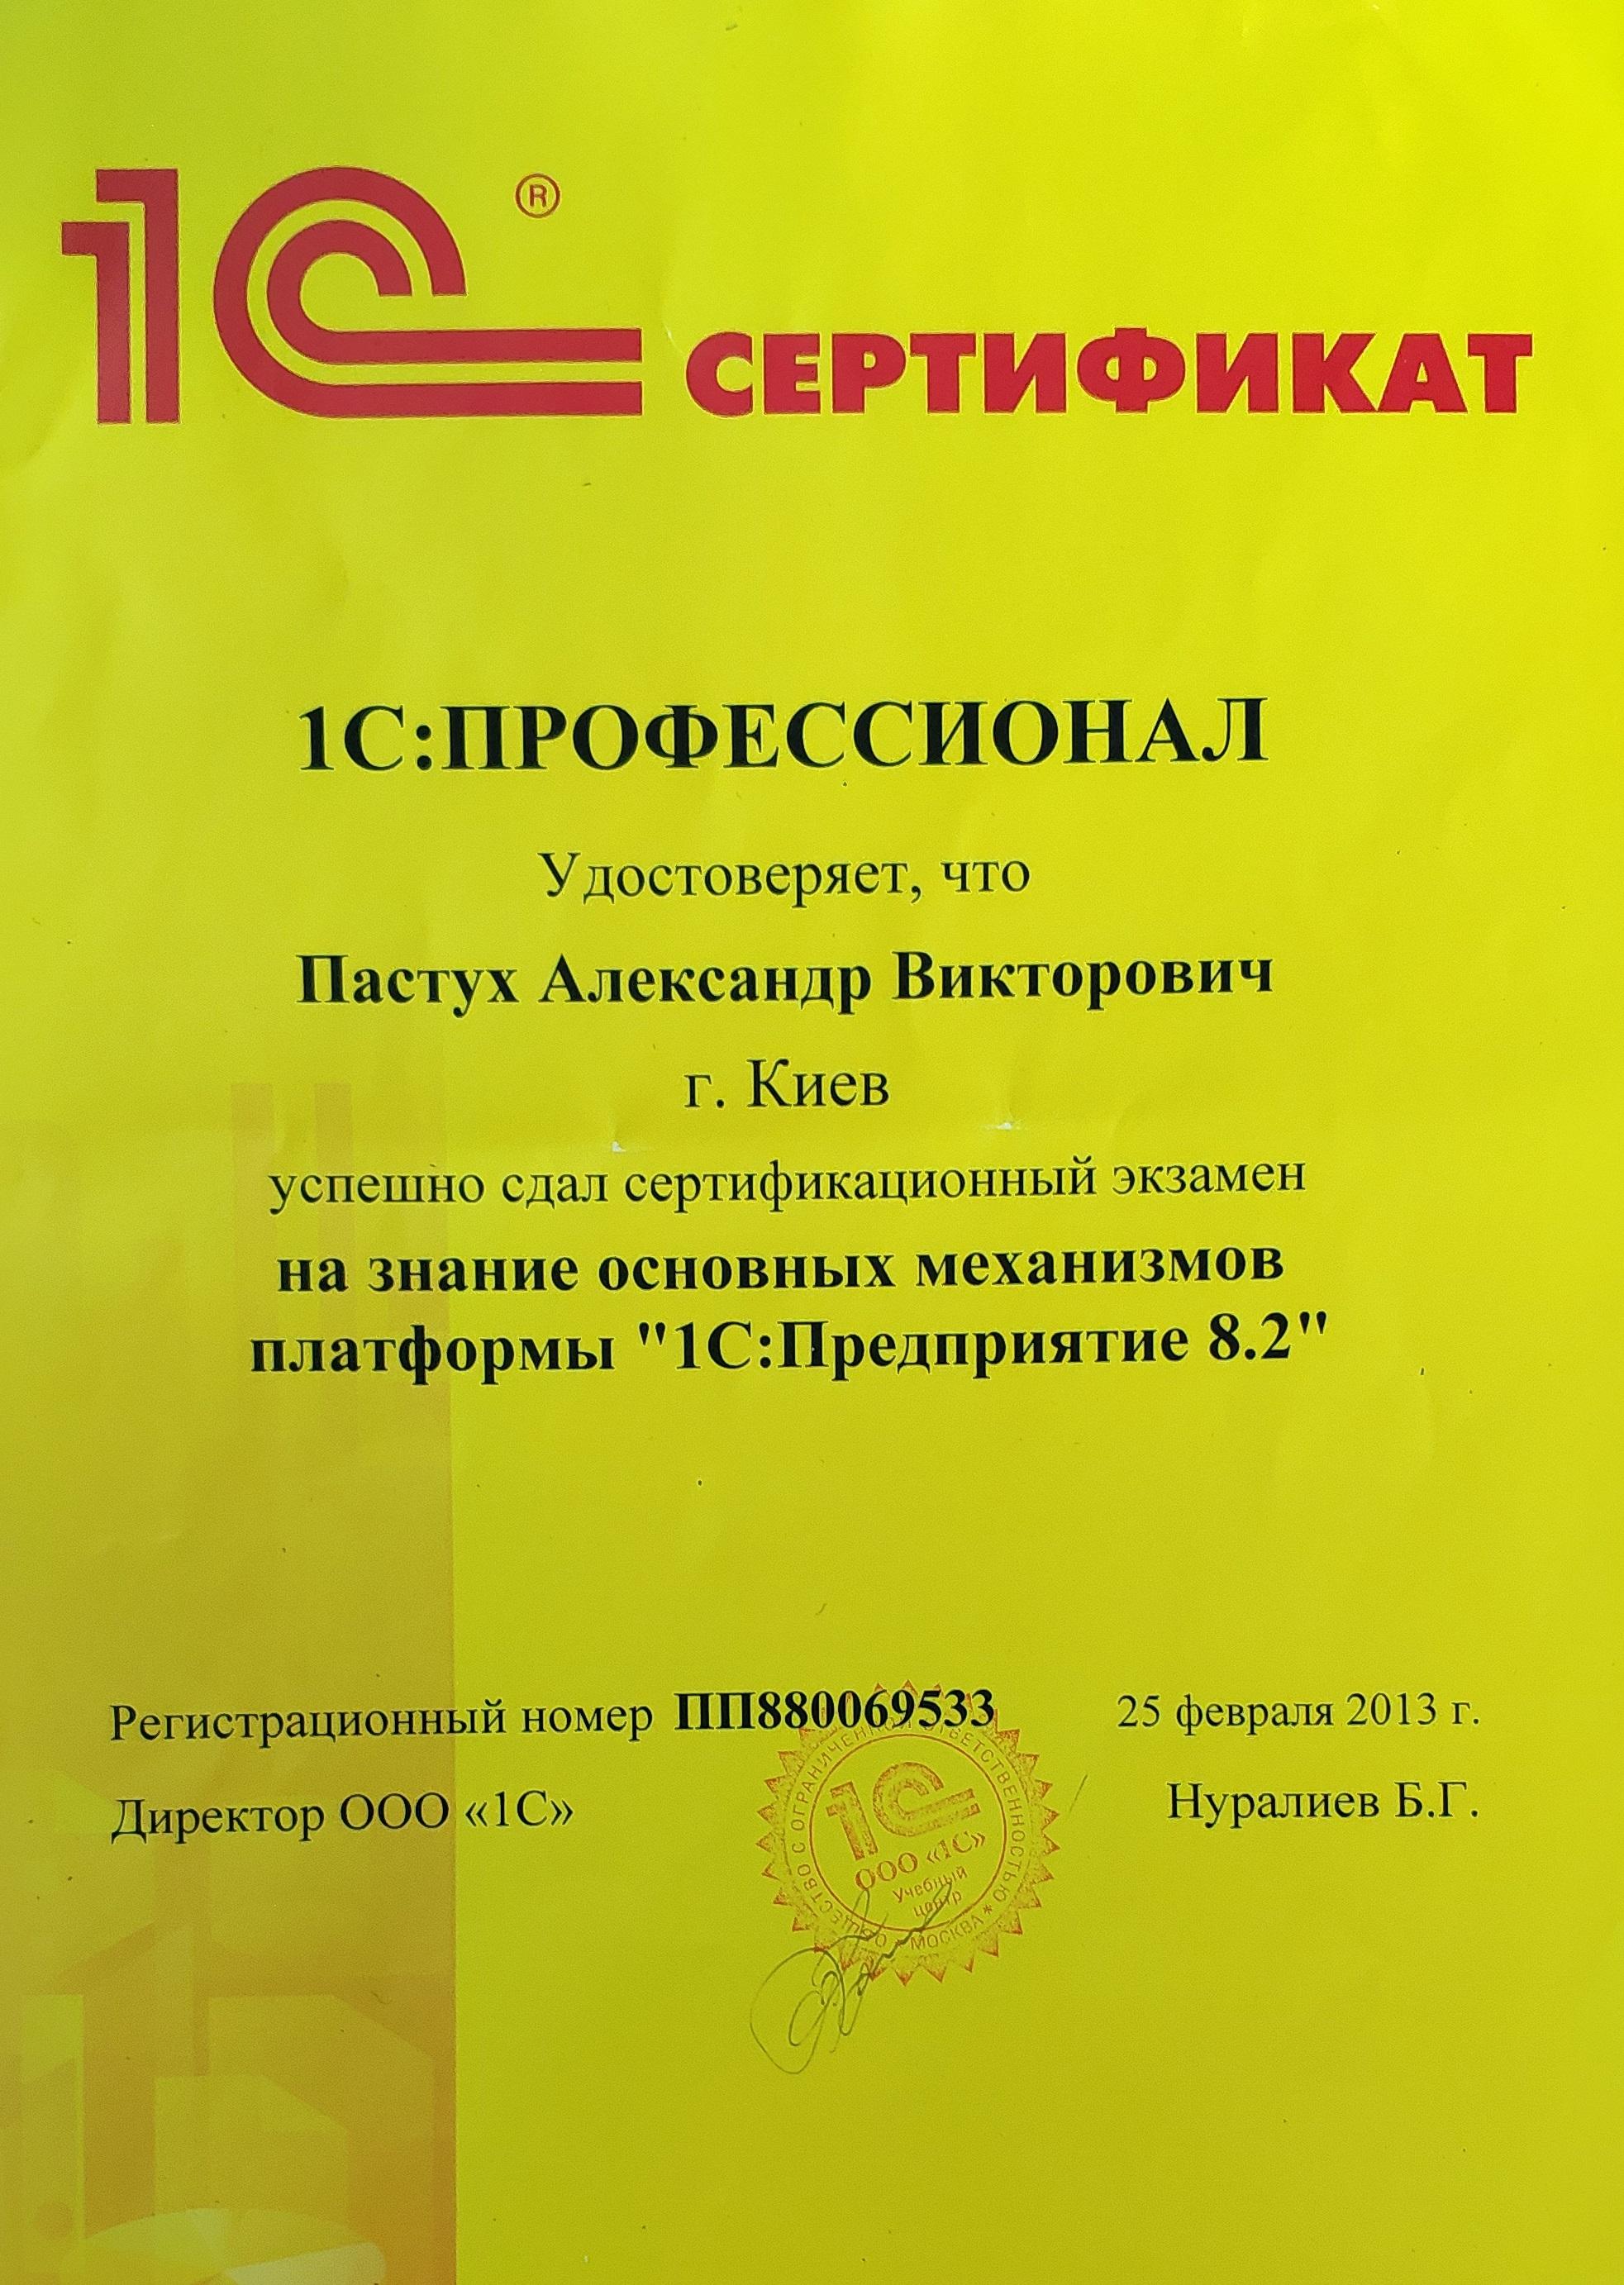 1c certificate Pastukh 2